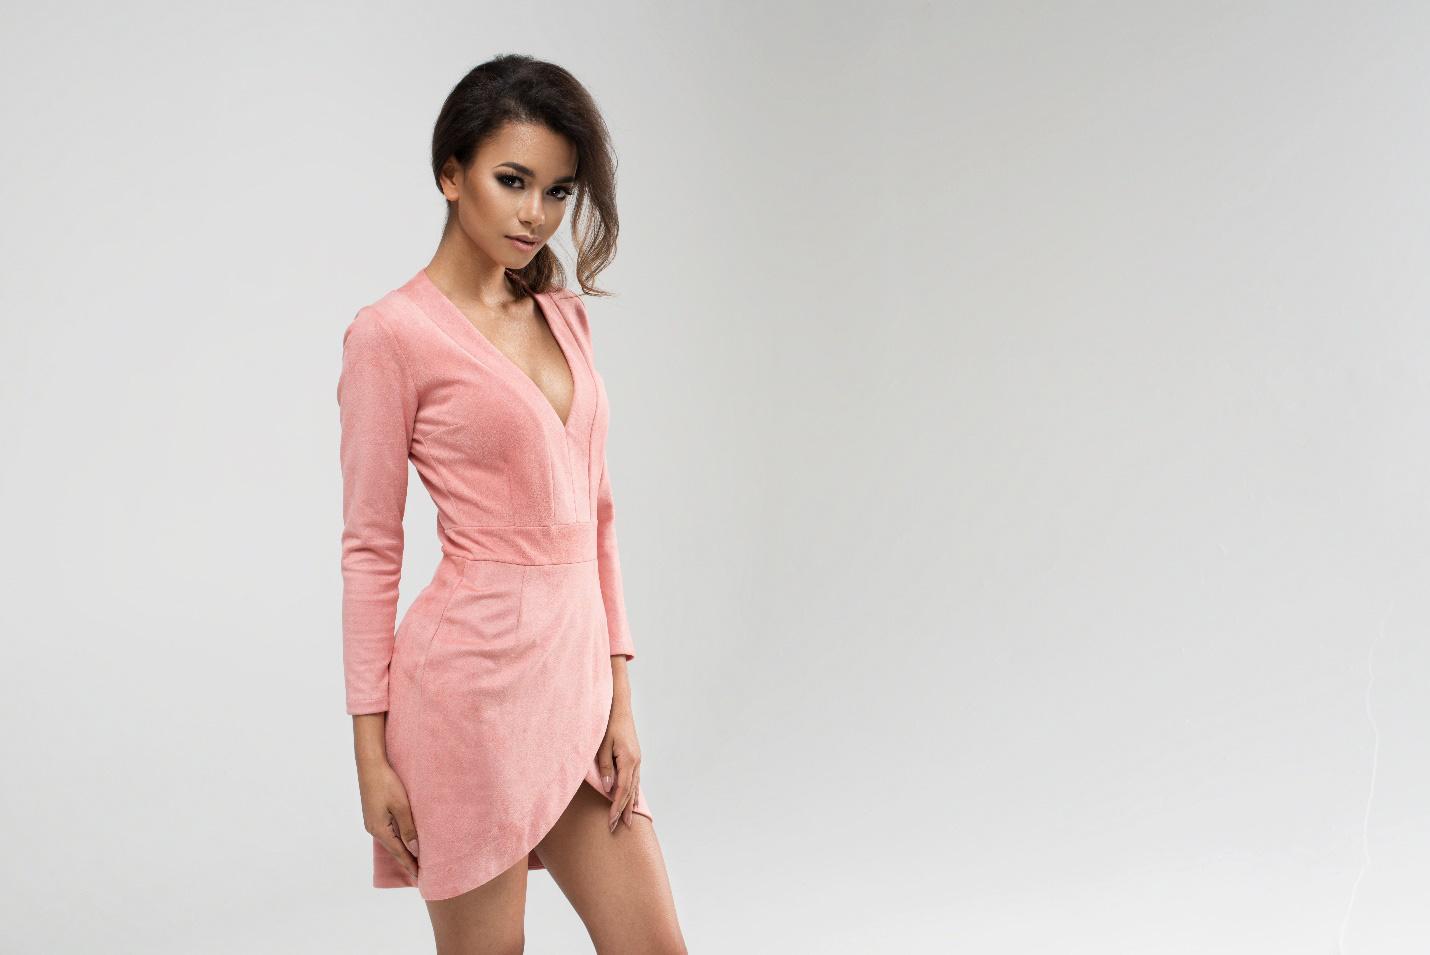 Bí kíp giúp các nàng U30 cân hết mọi kiểu váy áo cổ sâu quyến rũ - Ảnh 1.